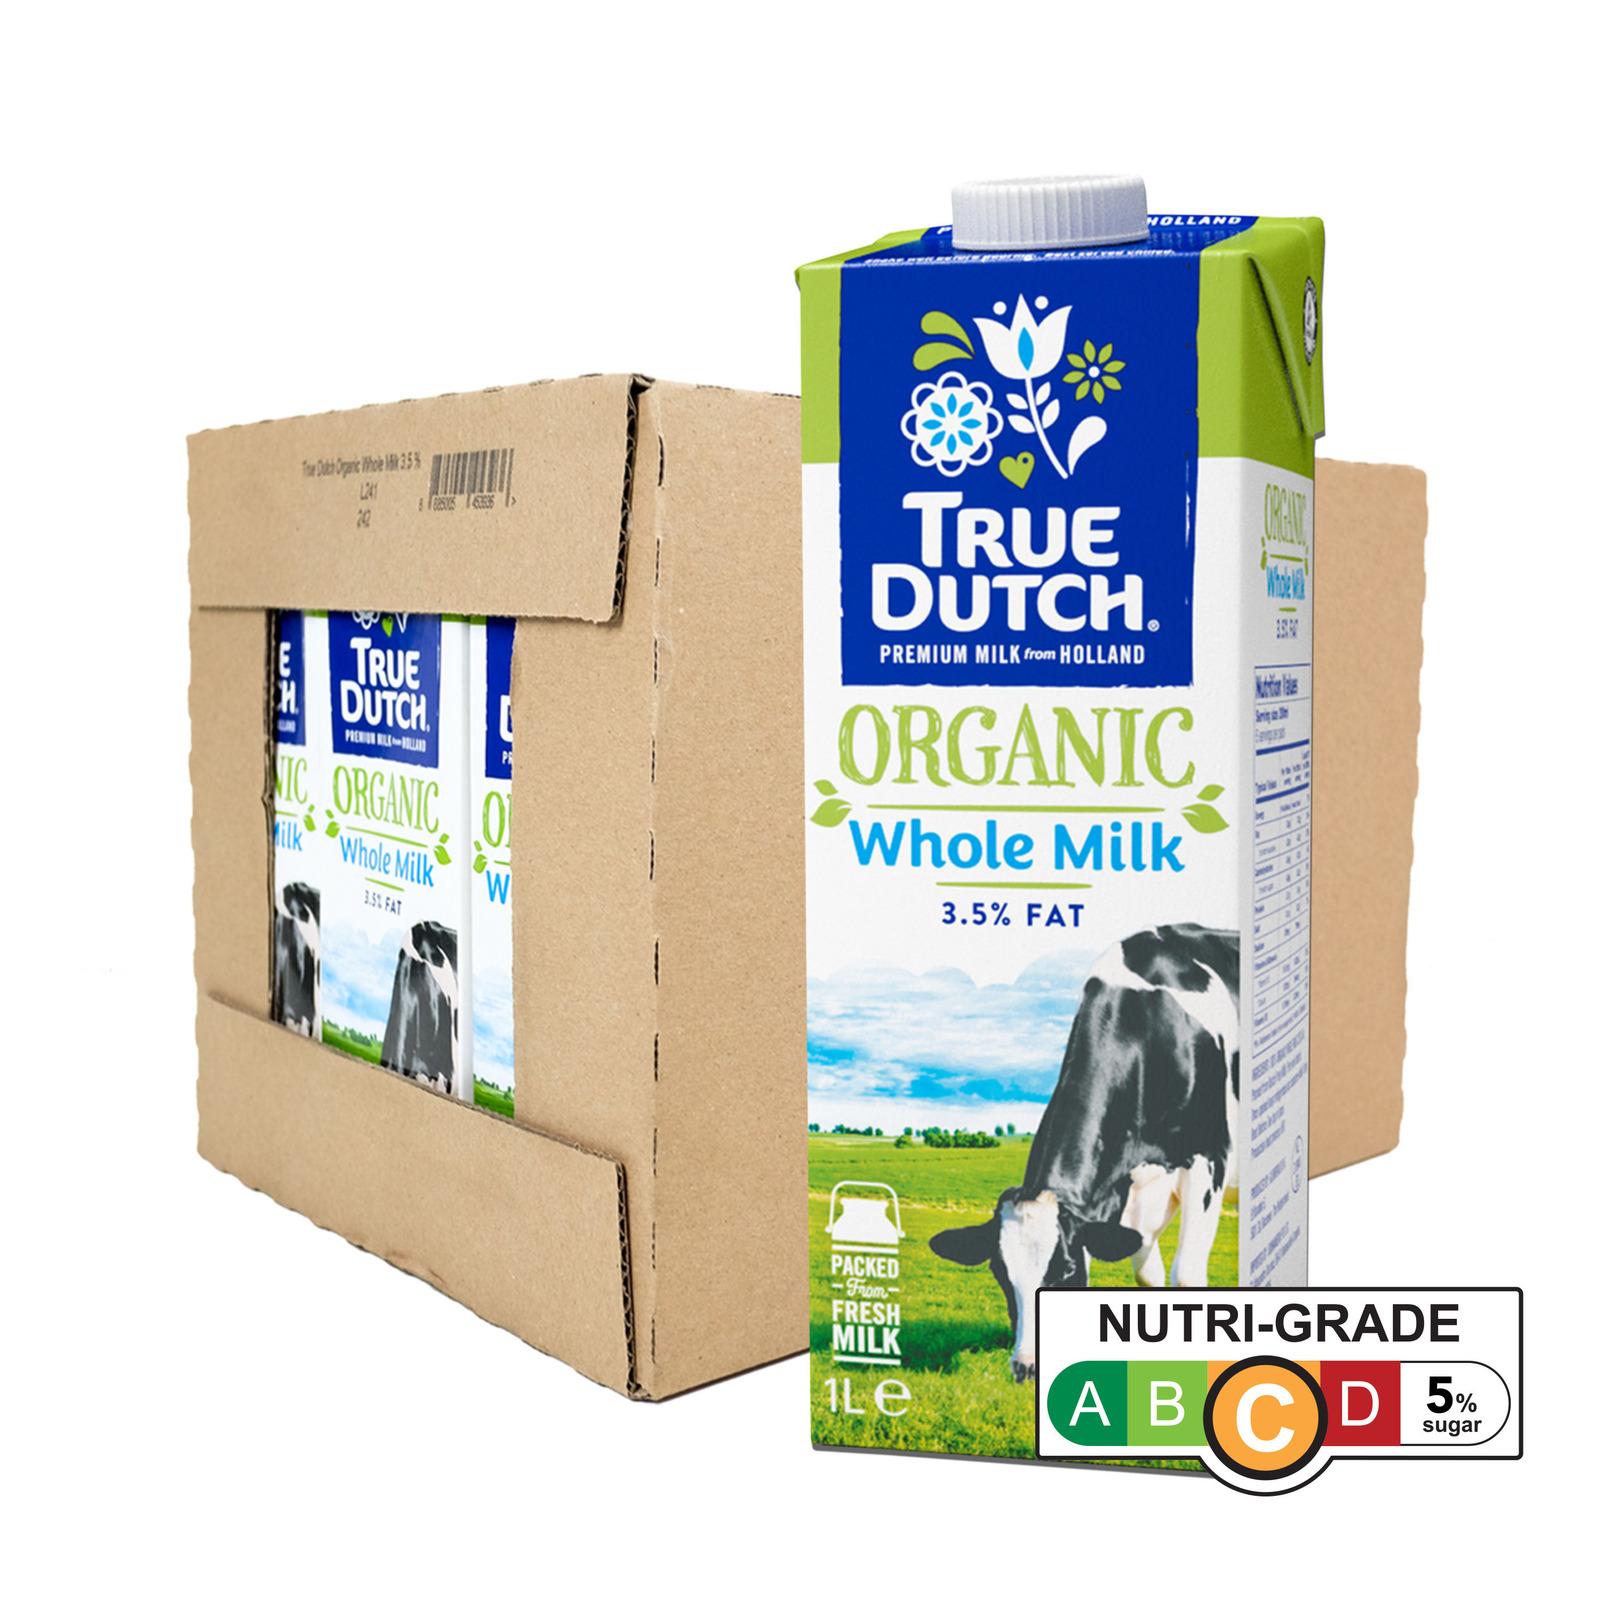 True Dutch Organic Whole Milk - Case - By Sonnamera